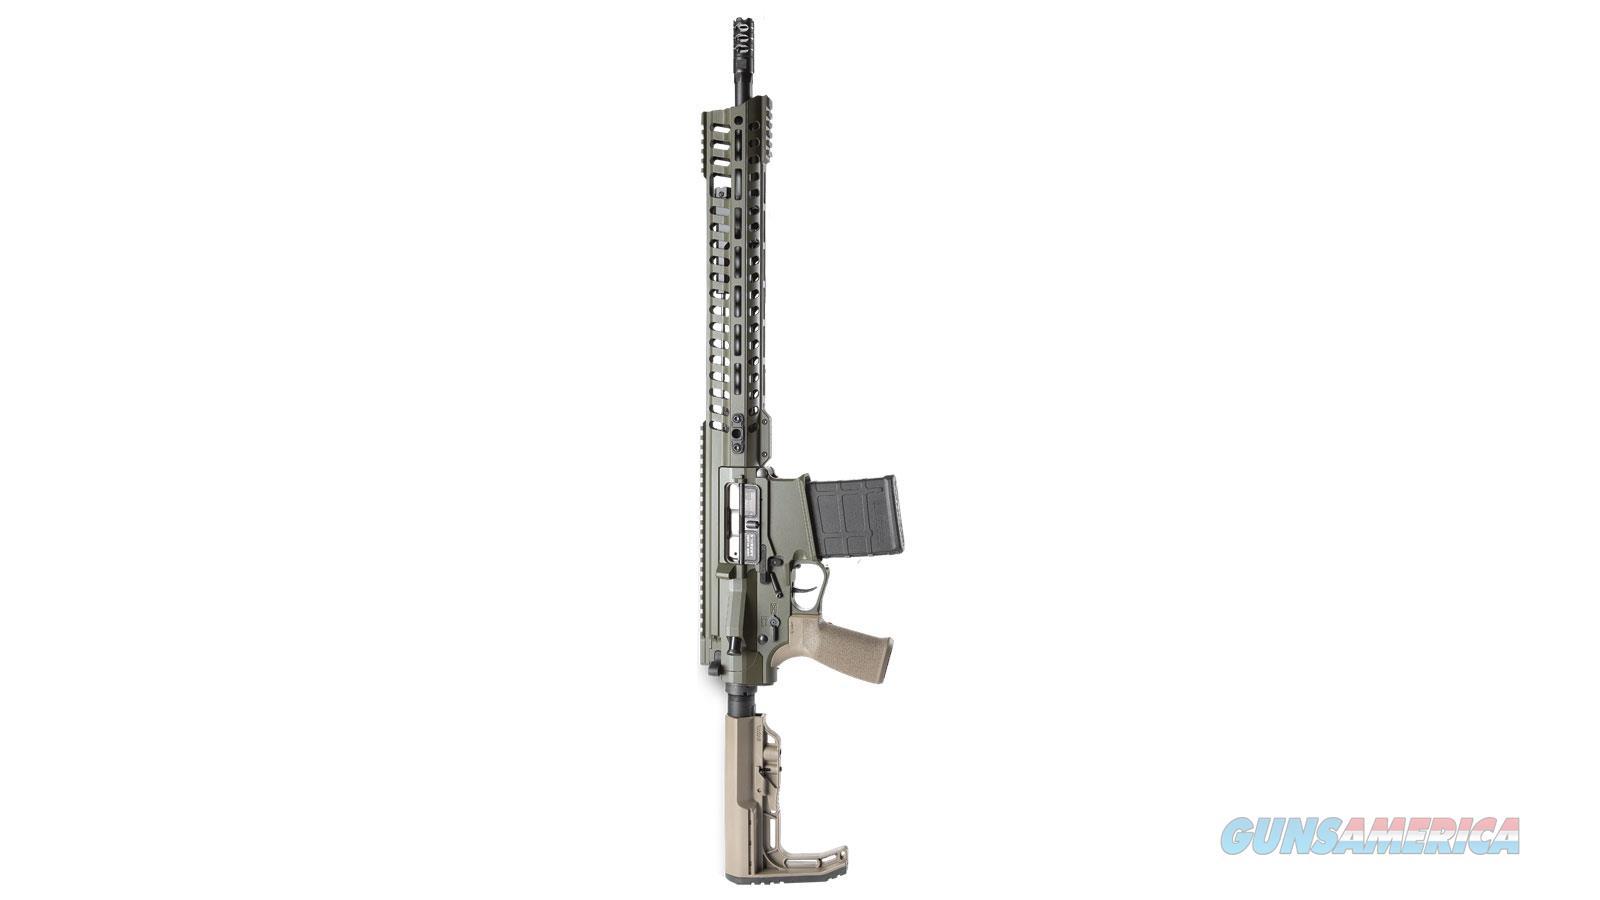 """Patriot Ord Factory P-308 Edge 308 16.5"""" 20Rd 01284  Guns > Rifles > PQ Misc Rifles"""